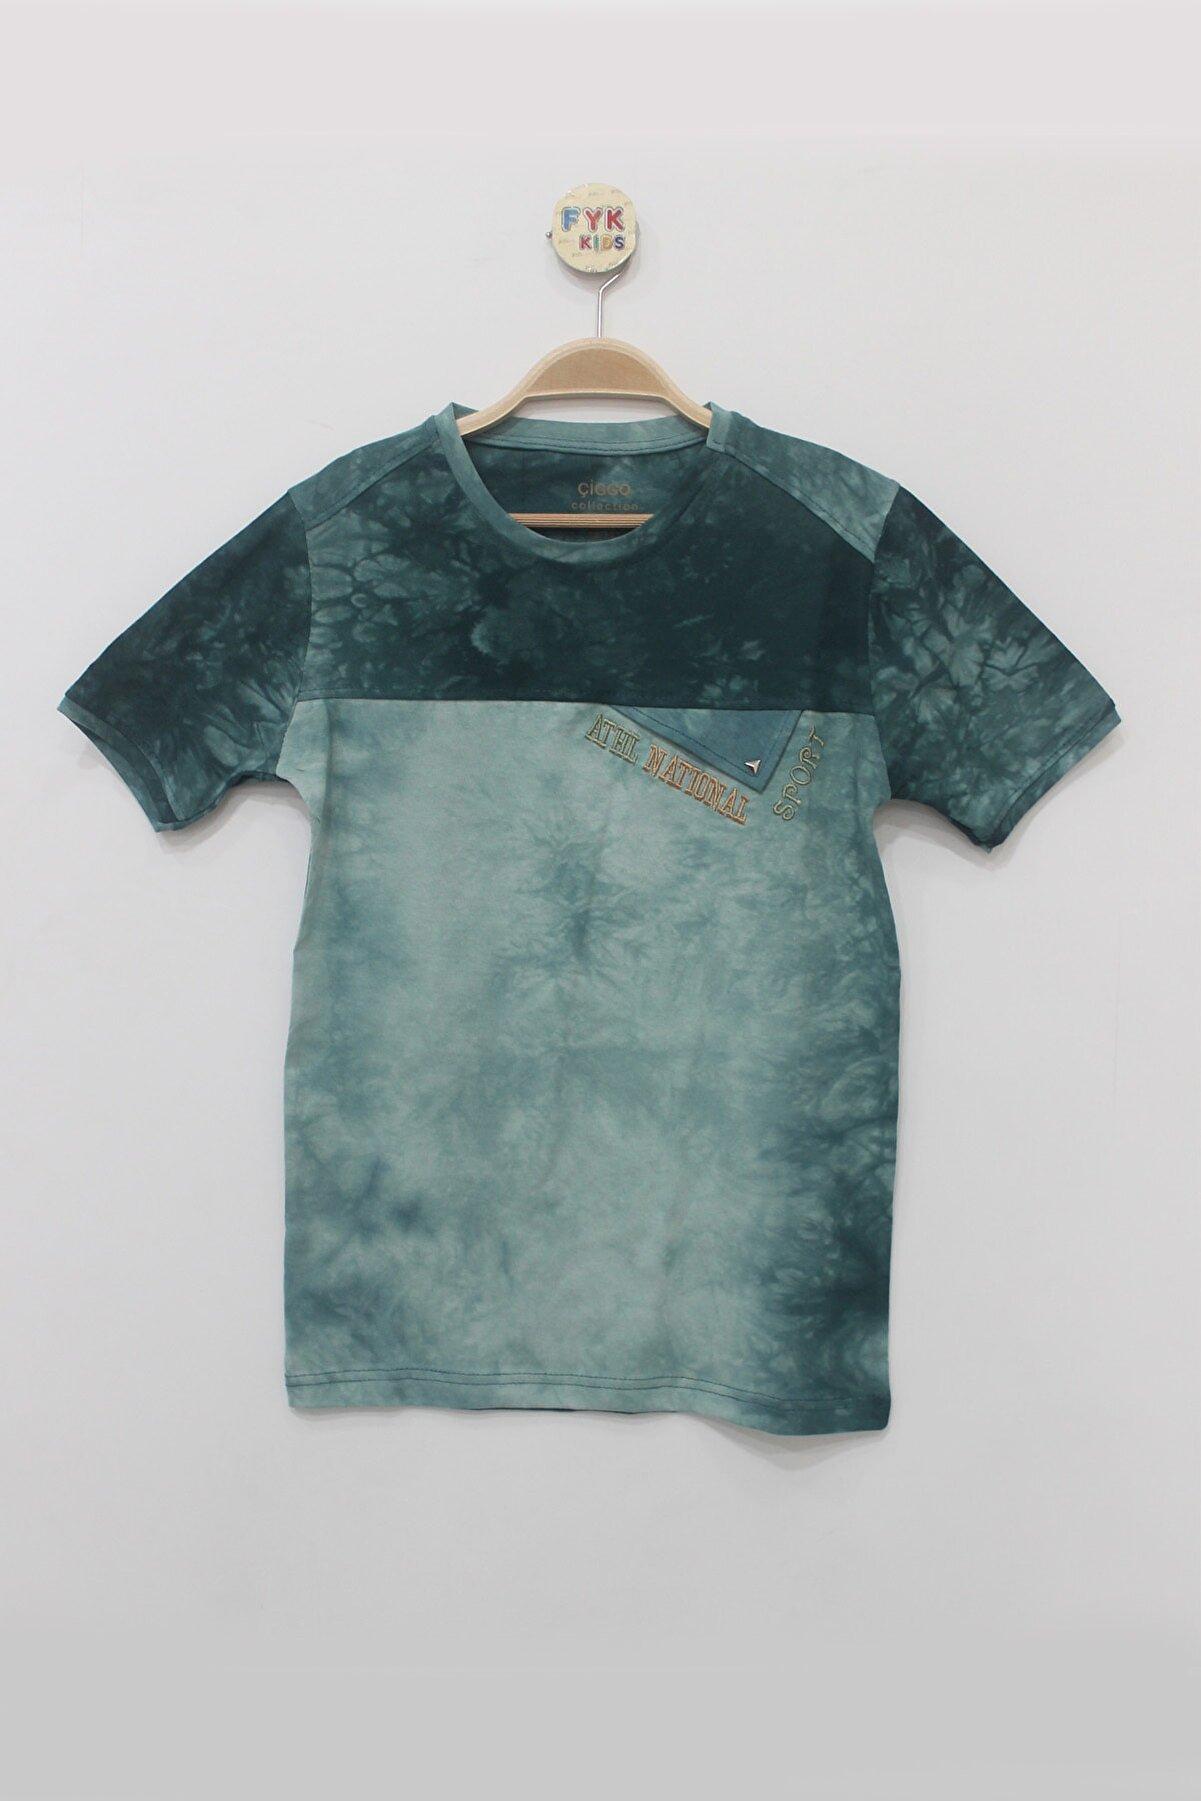 FYK KİDS Erkek  Batik Desenli T-shirt